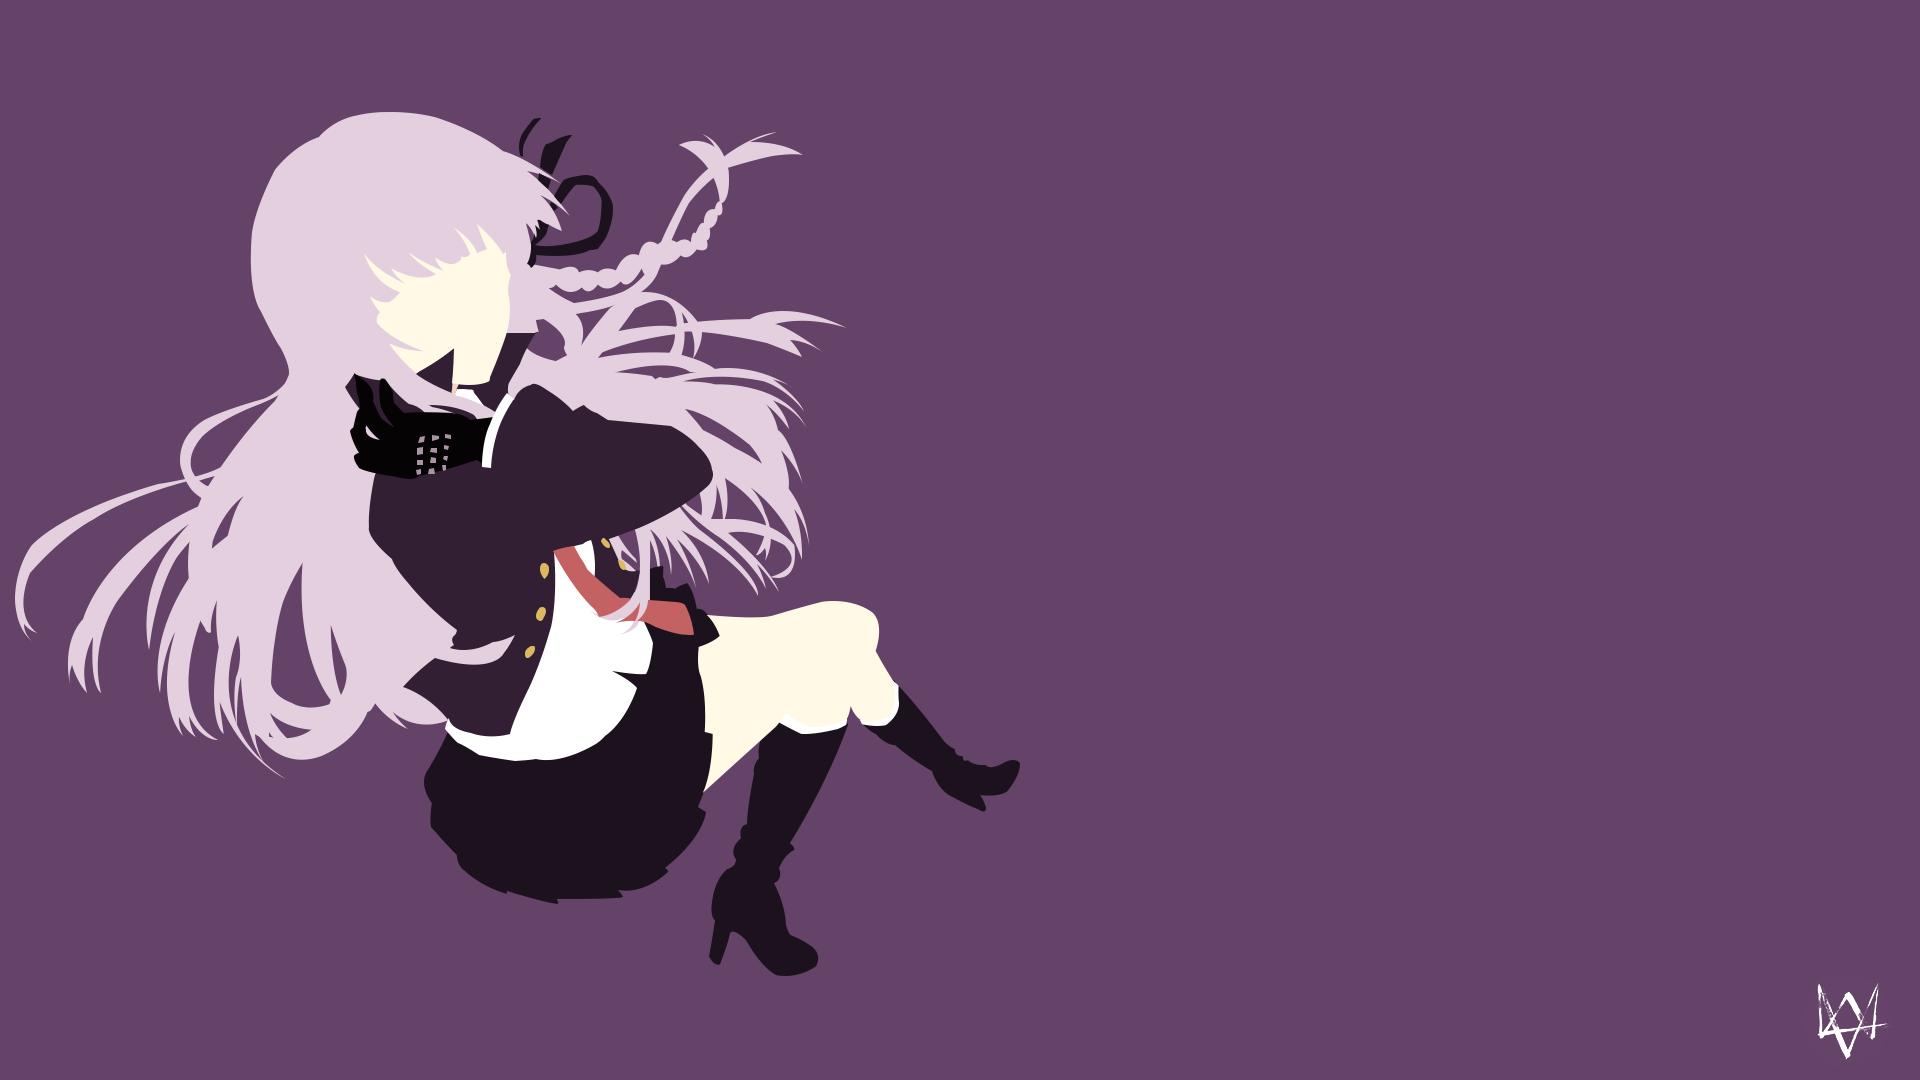 Kirigiri Kyouko | Desktop hintergrund, Hintergrund, Desktop